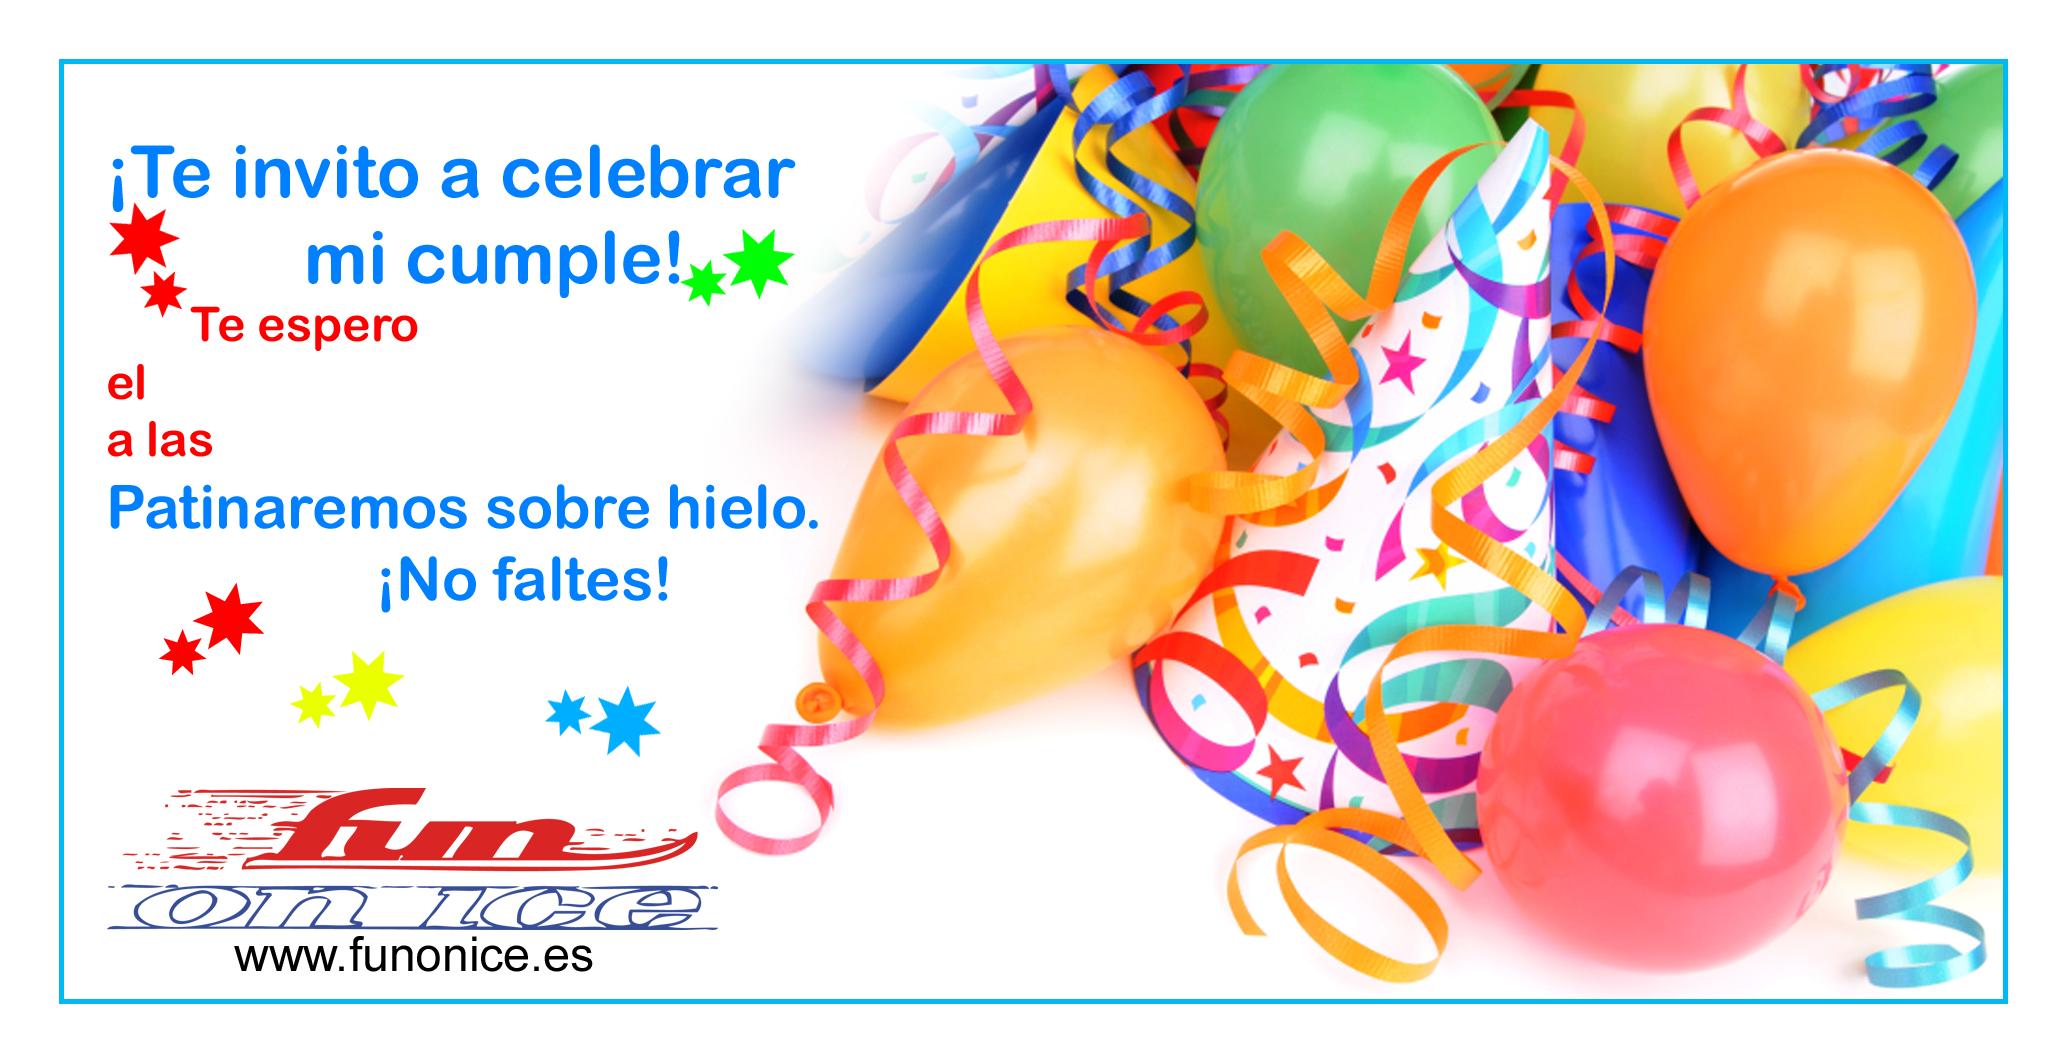 Invitaciones De Cumpleaños Virtuales.